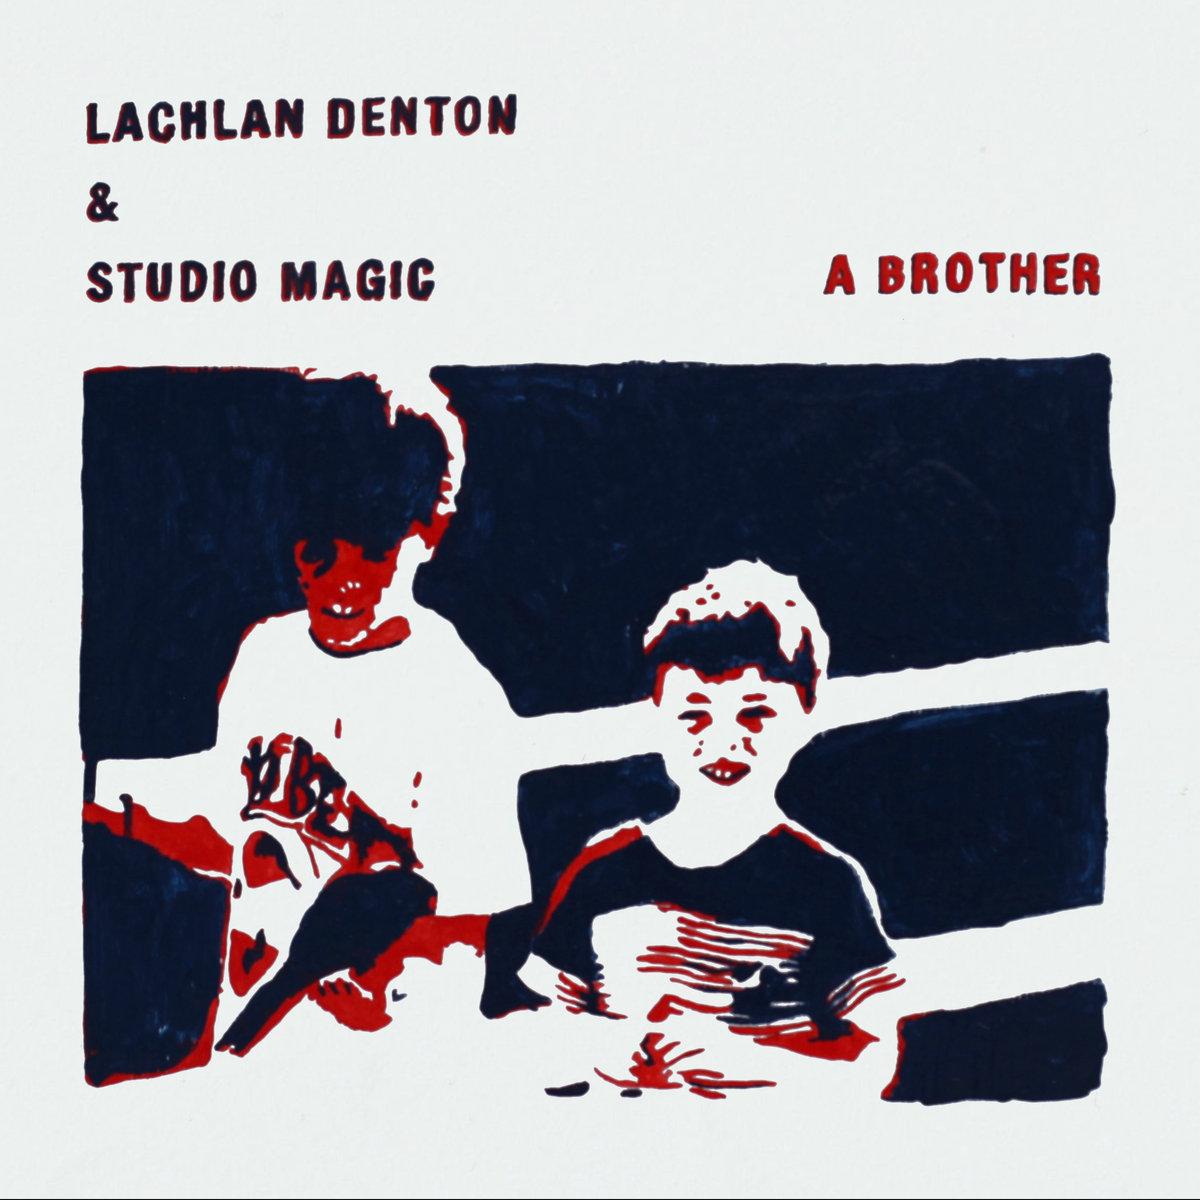 Lachlan Denton & Studio Magic - This Christmas